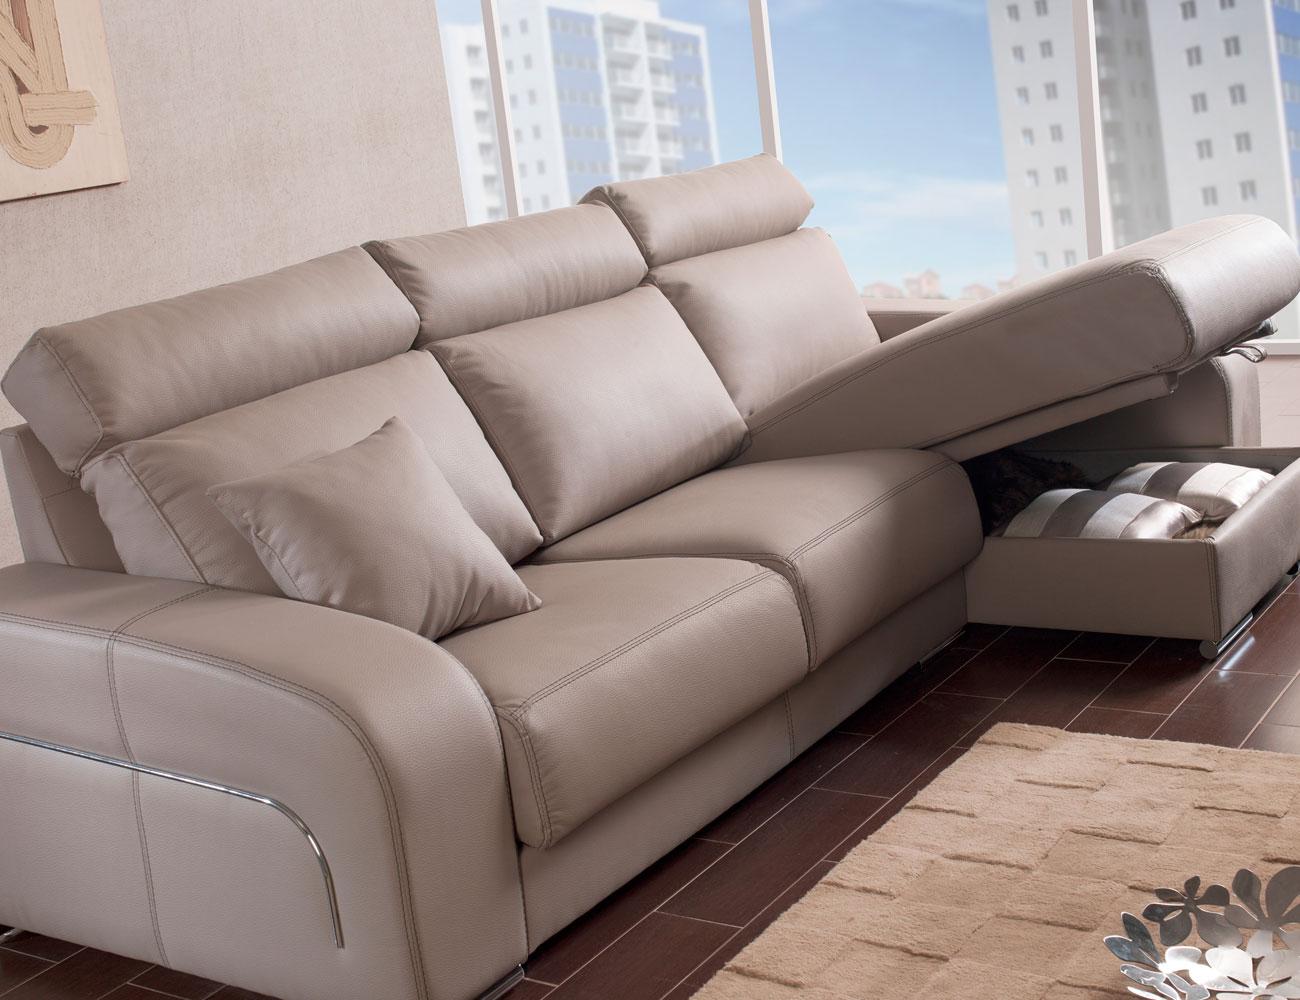 Sofa chaiselongue moderno pared cero arcon3